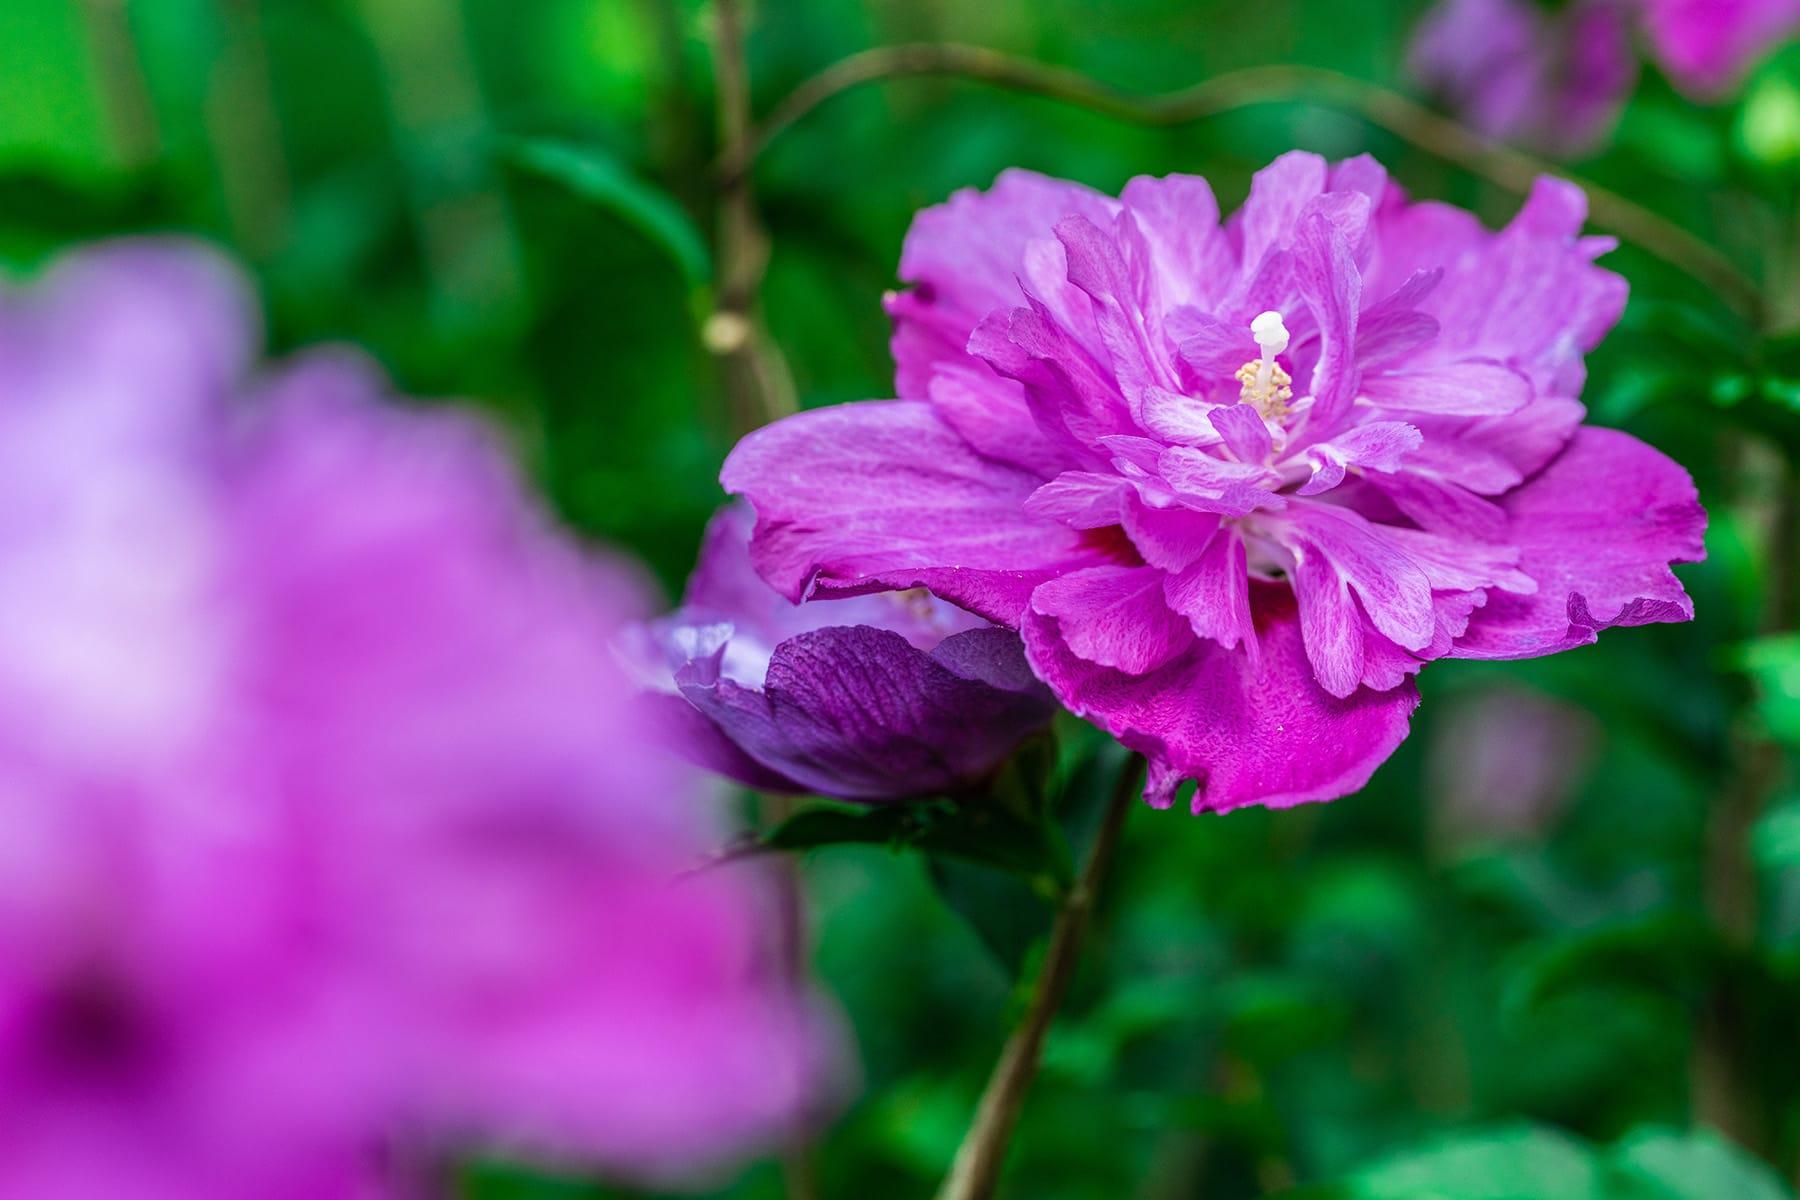 真夏の花ムクゲ【Mahora 稲穂山|埼玉県秩父郡皆野町】 | フォトさいたま